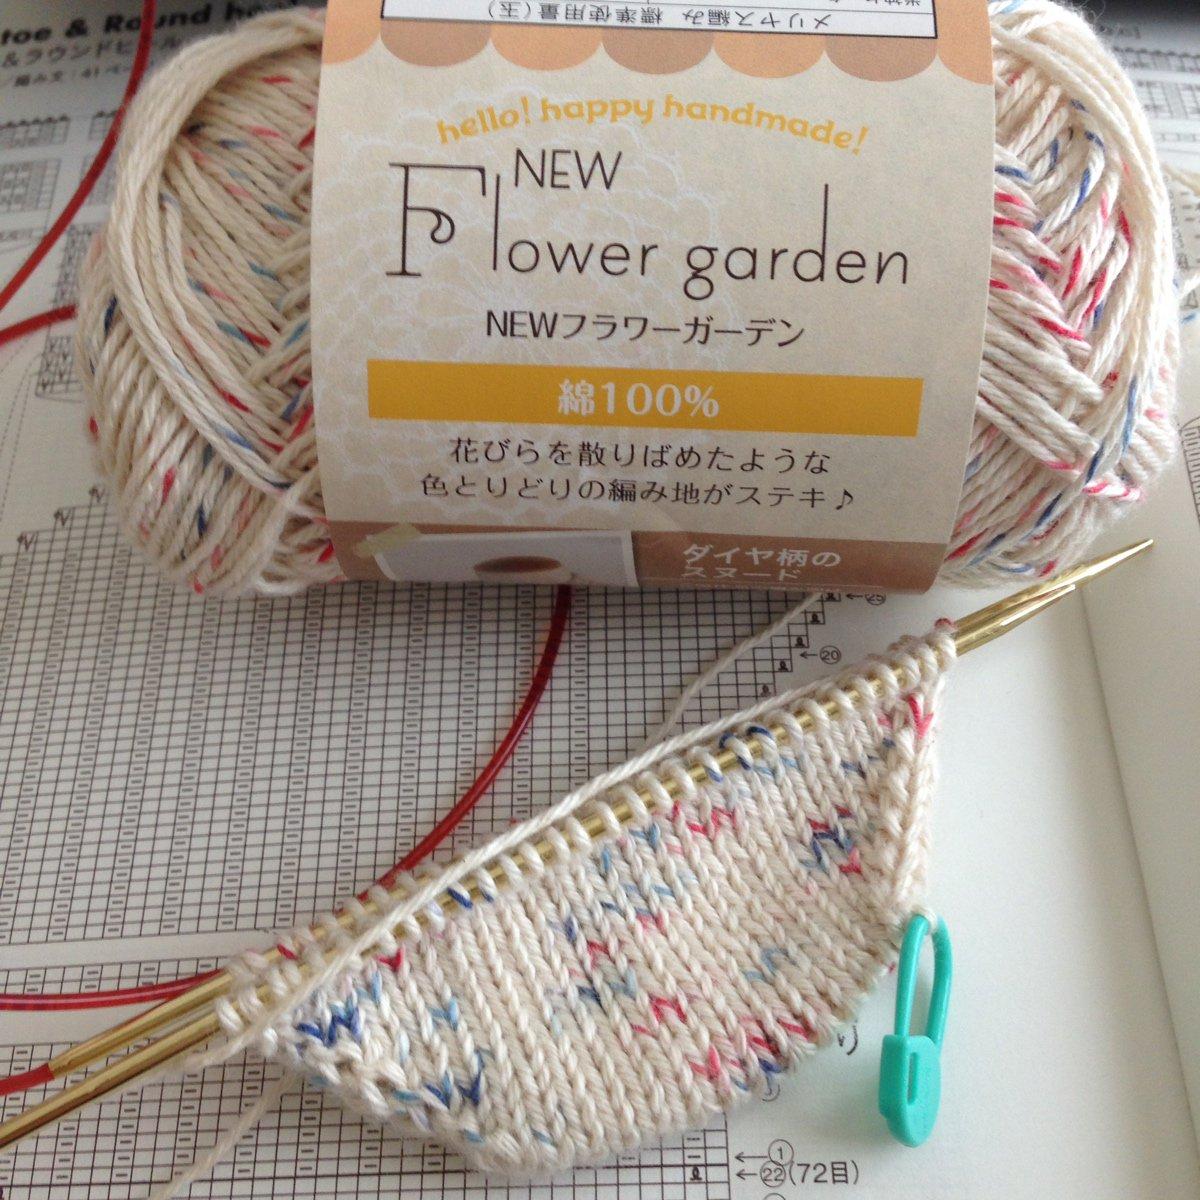 test ツイッターメディア - いま手をつけてるのも #セリア の糸。ここのは #毛糸ZAKKAストアーズ さん #毛糸ピエロ さんの会社のだよね。綿100がくつ下にいいかどうかはさておき、編んだ感じや着用感は悪くないので…しかも安い。25g3玉で一足できる。しばらくはまりそう(>ω<) #ひとり編み物部 https://t.co/p9z0MdfRbh